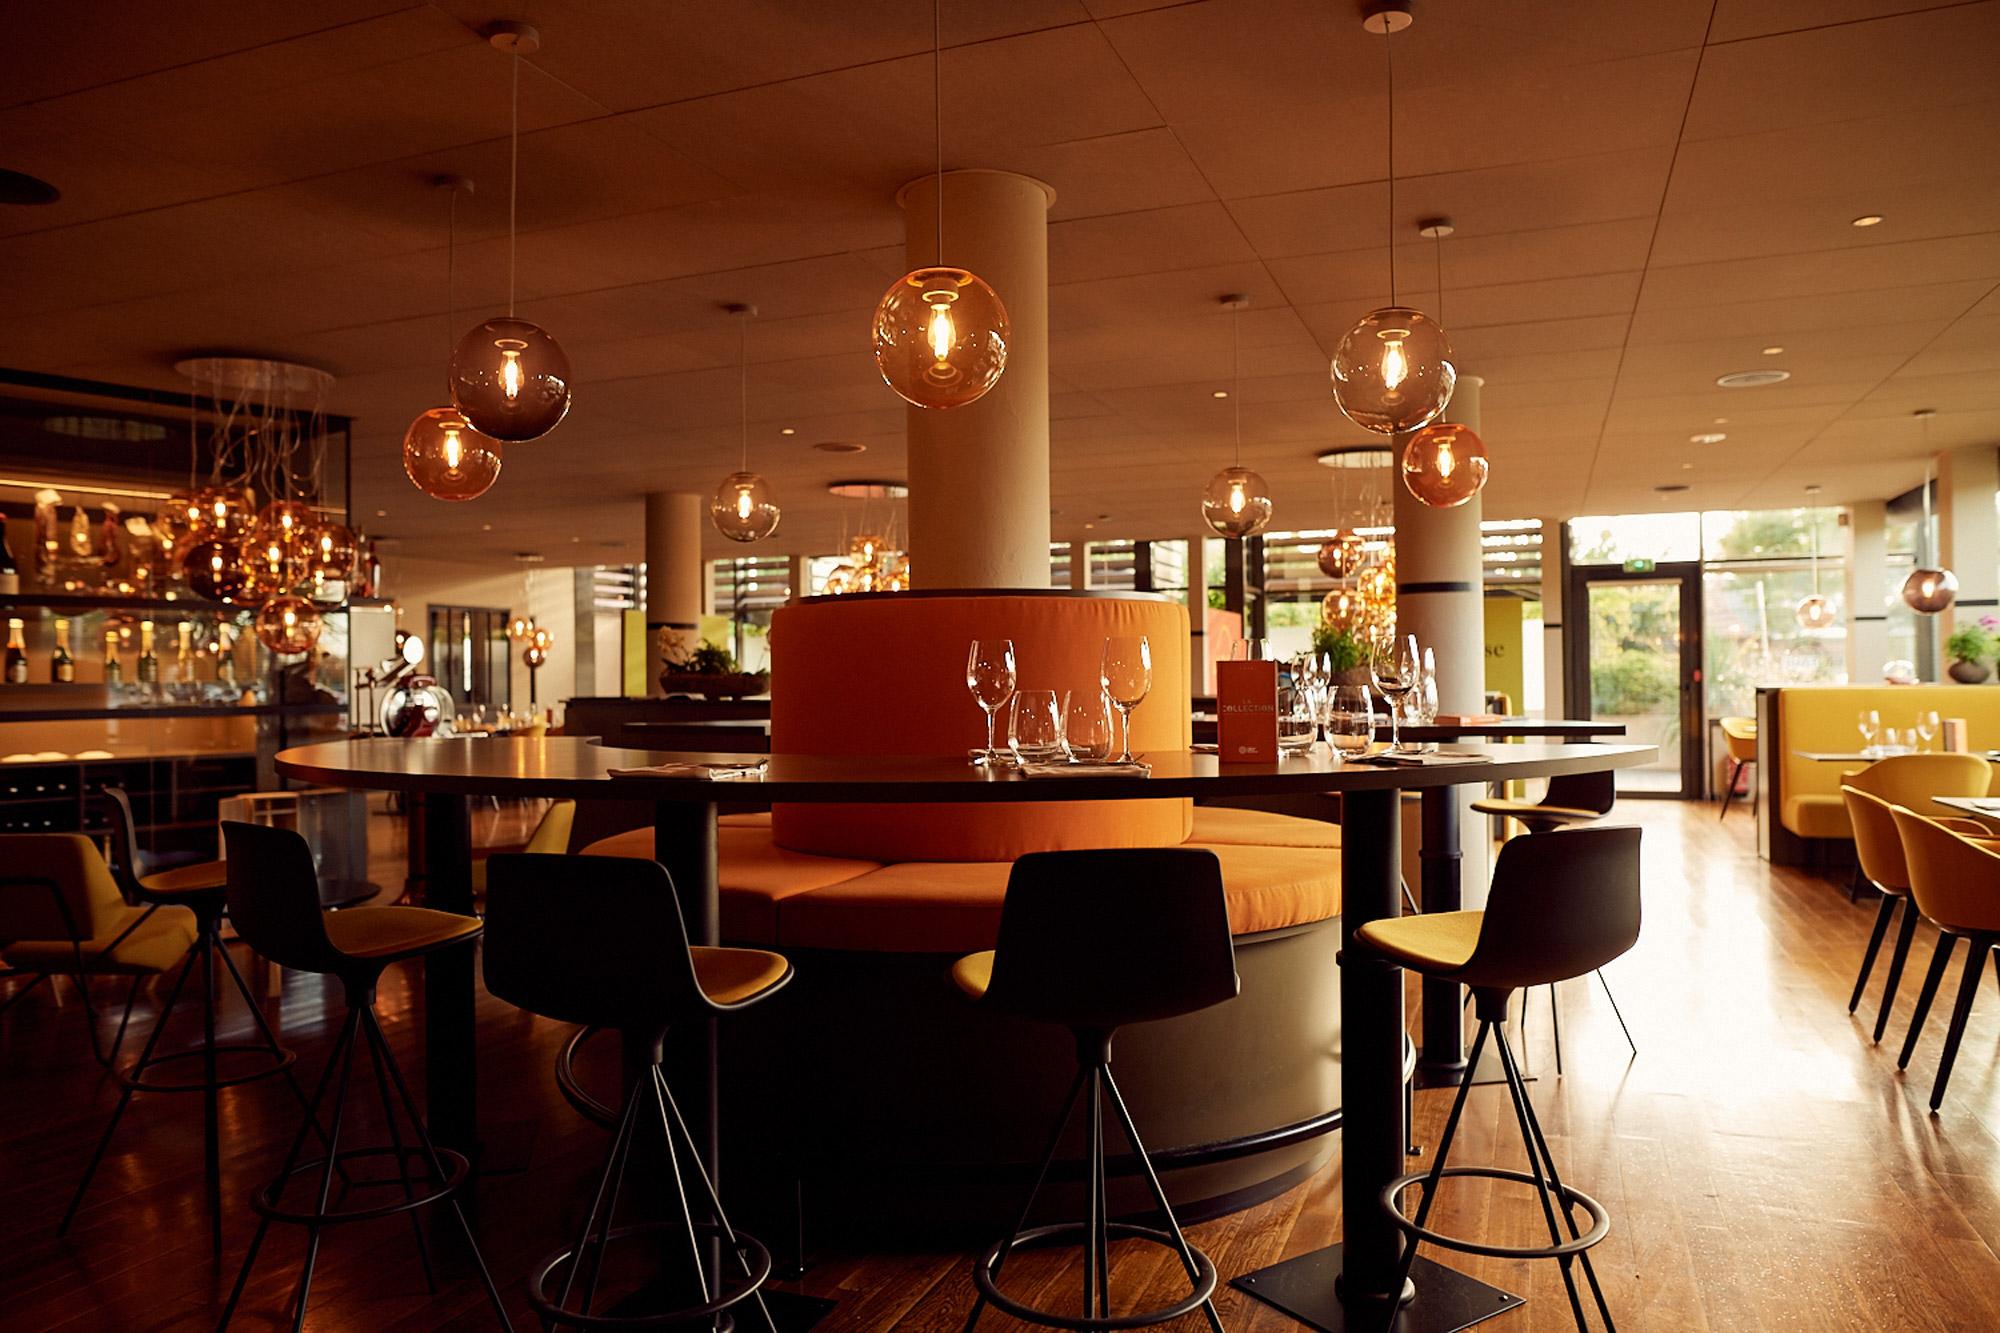 Salle de restaurant moderne dans les tons automnaux avec lustres en forme de boules de verre suspendues